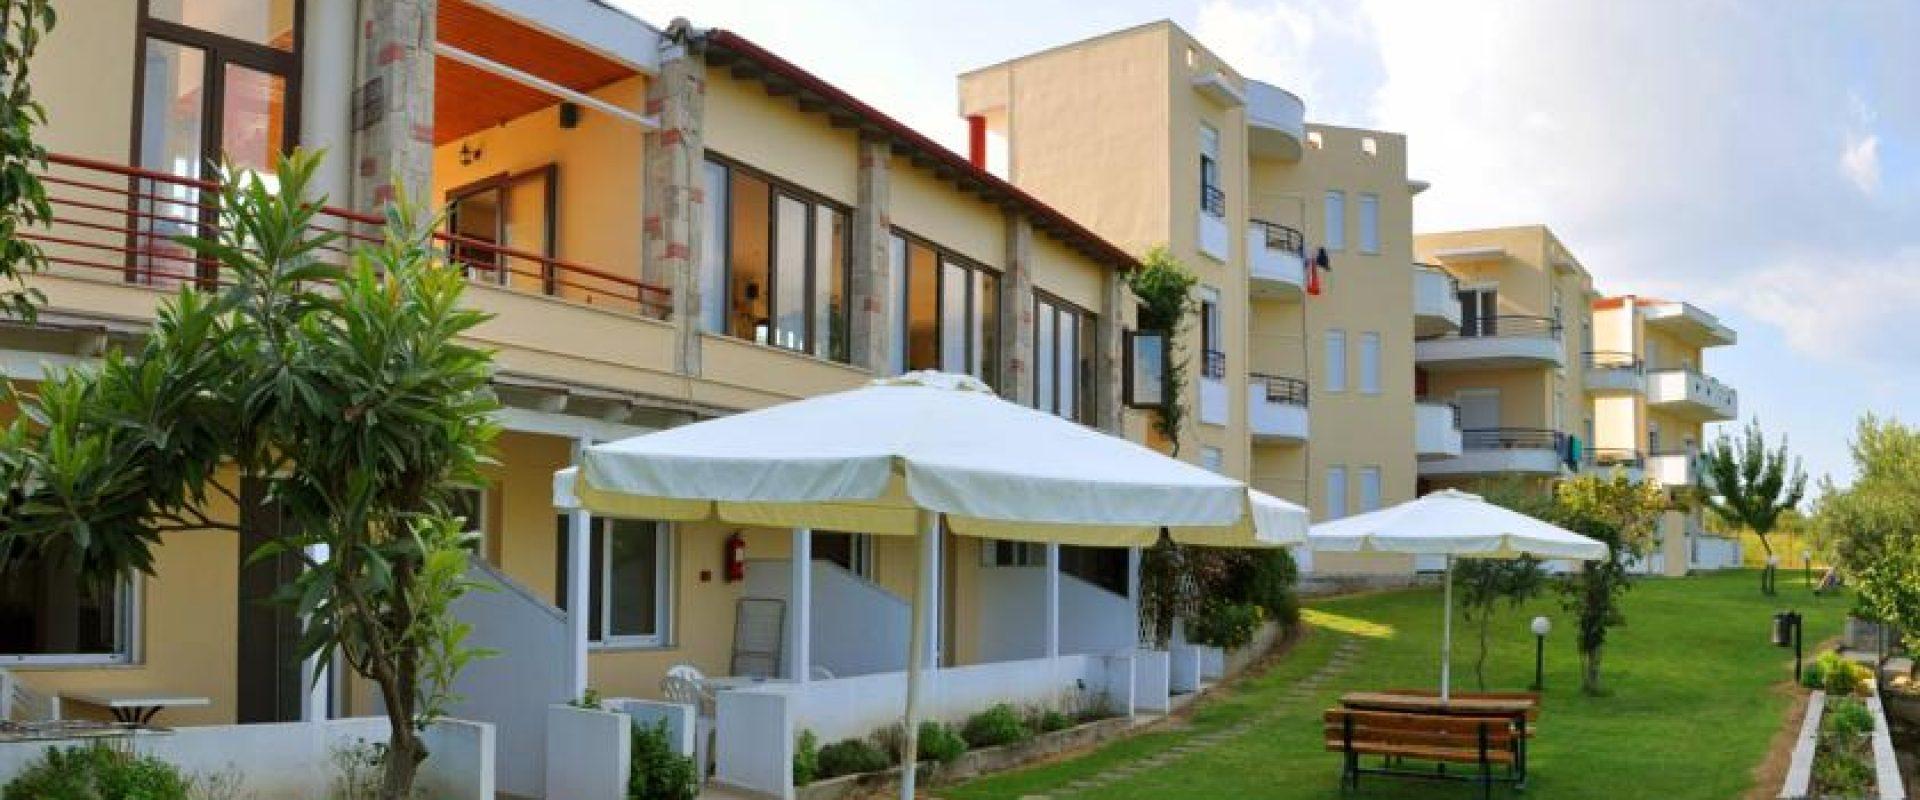 Odihnă la mare în Grecia, Halkidiki, Hotel Adonis